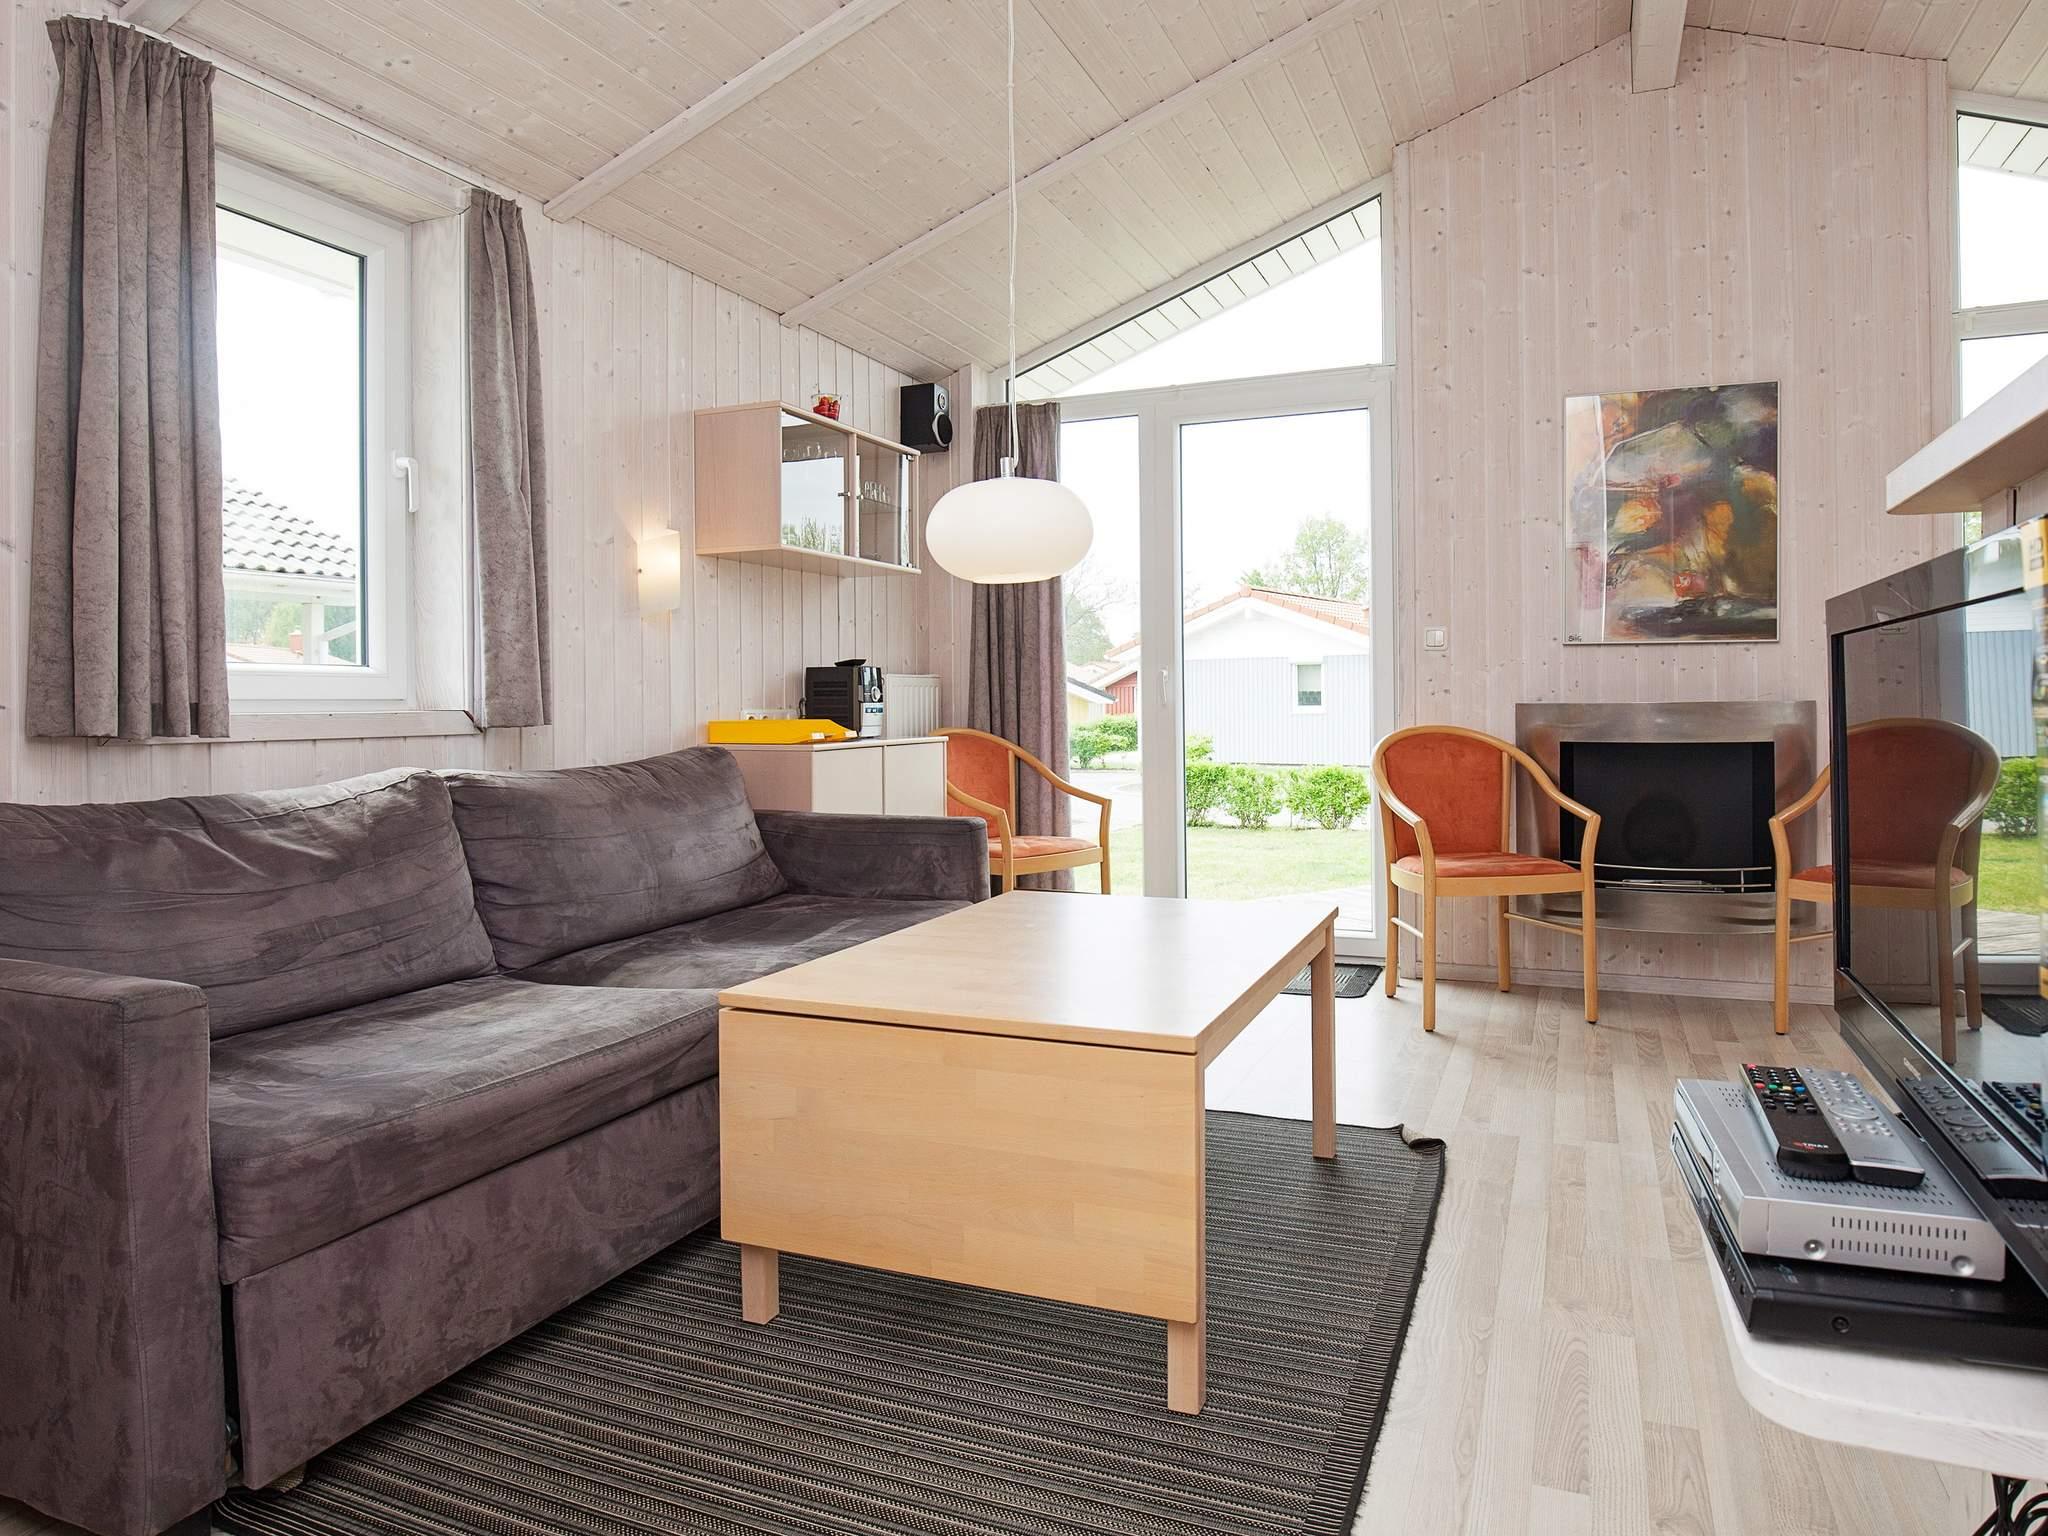 Maison de vacances Grömitz (436444), Grömitz, Baie de Lübeck, Schleswig-Holstein, Allemagne, image 3